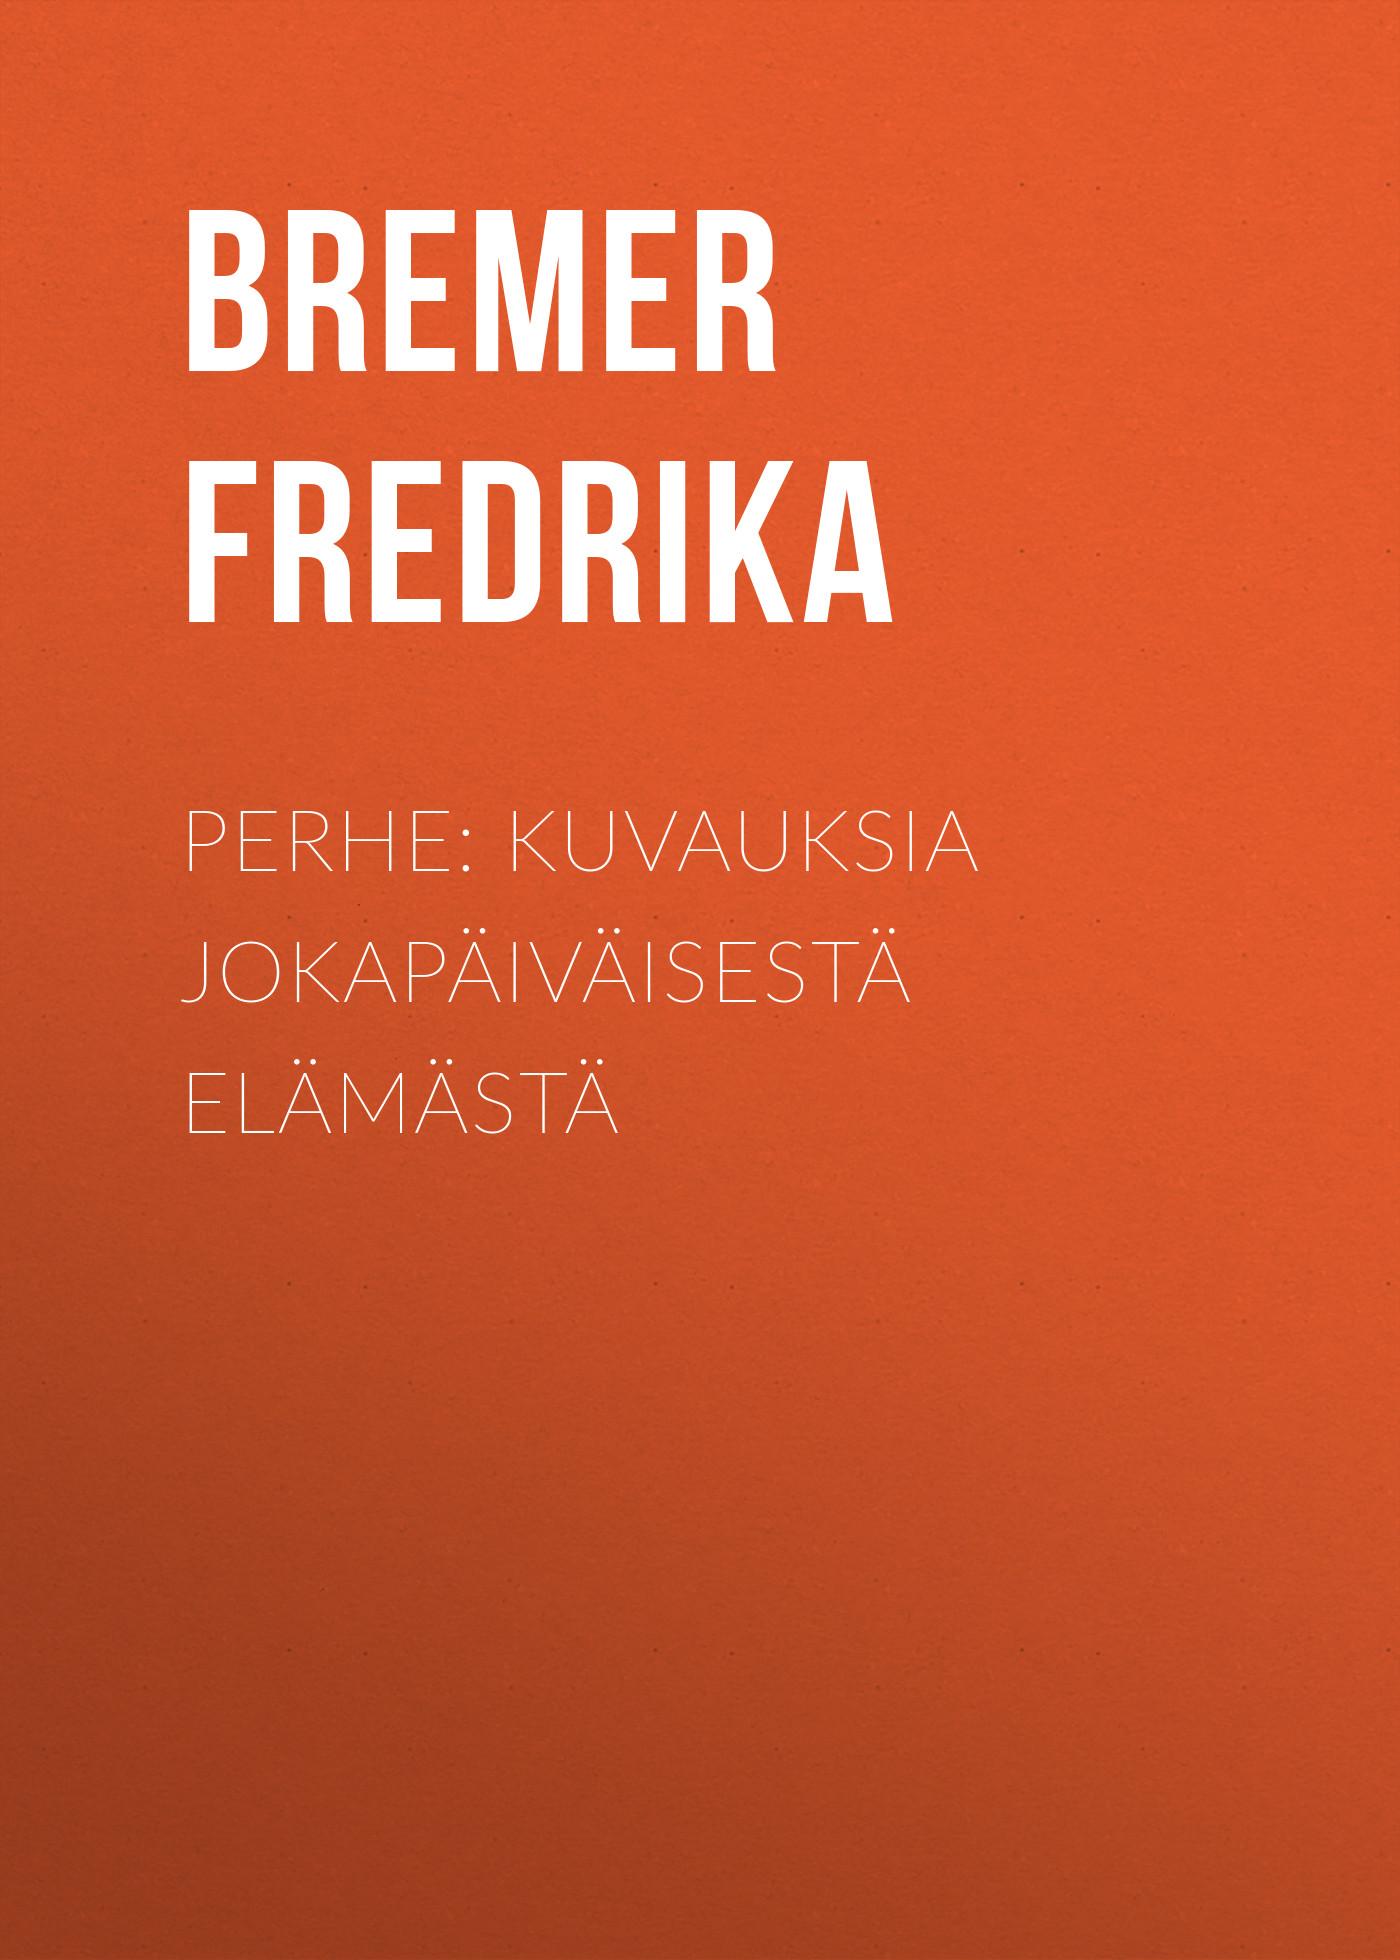 Bremer Fredrika Perhe: Kuvauksia jokapäiväisestä elämästä